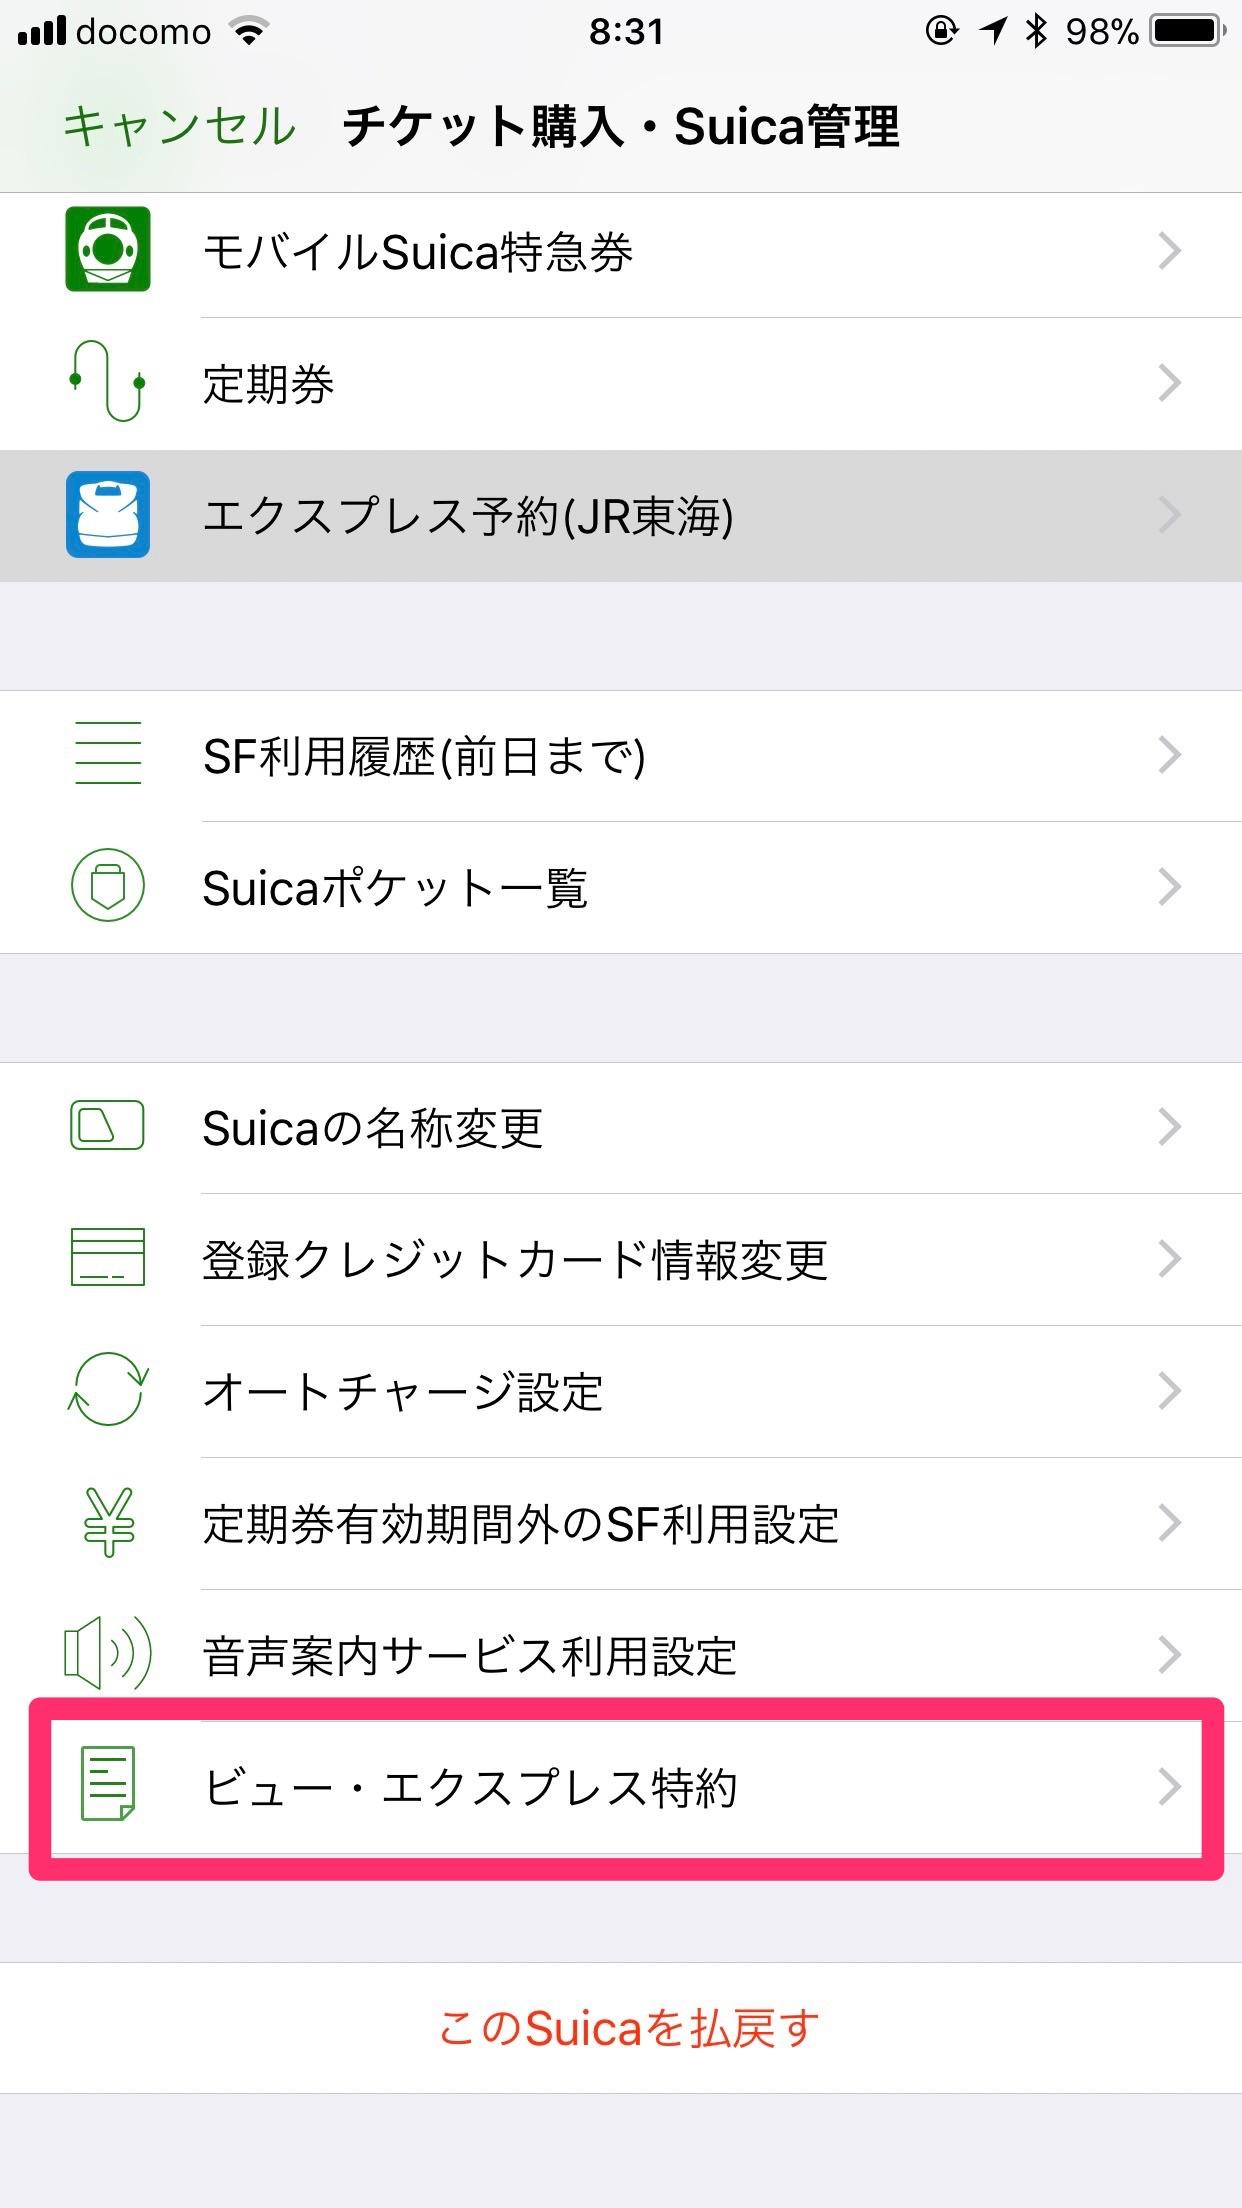 Suica ex mobile 9398